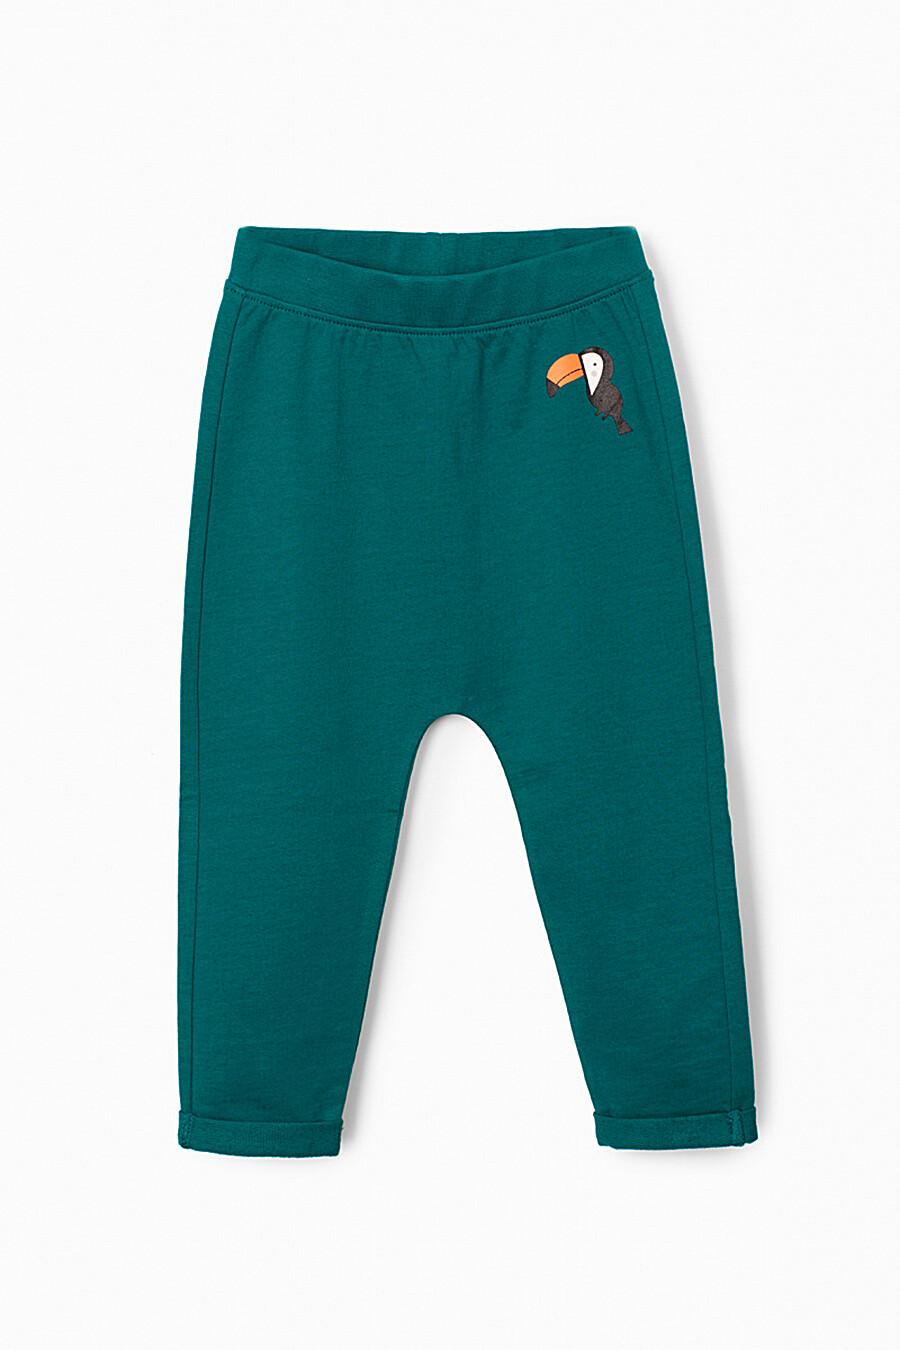 Брюки для мальчиков 5.10.15 668451 купить оптом от производителя. Совместная покупка детской одежды в OptMoyo